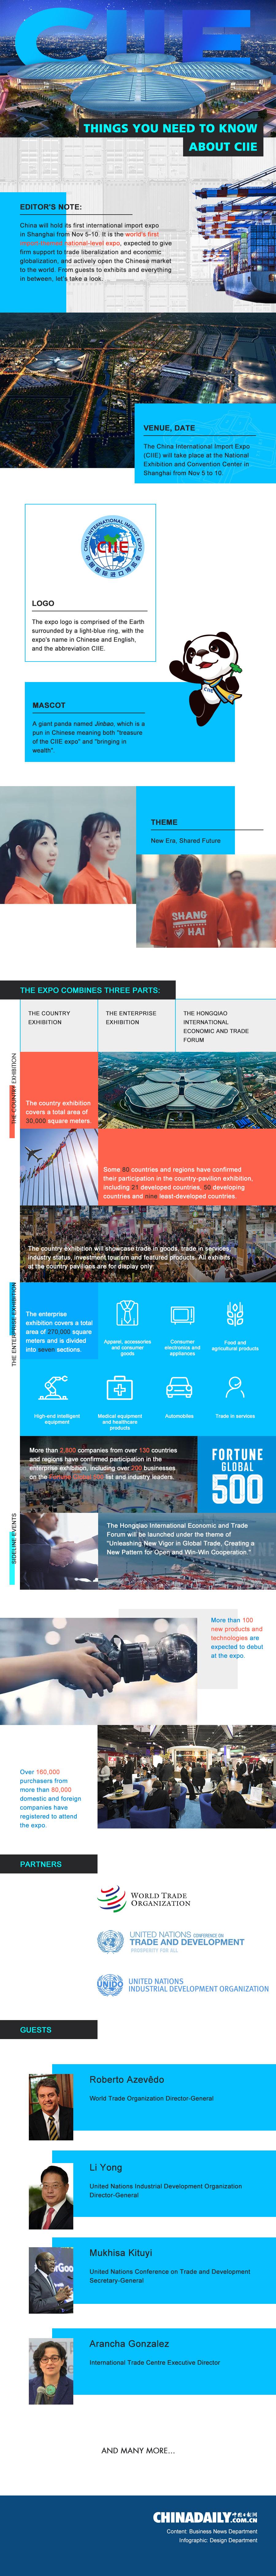 中国国际进口博览会图表.jpg